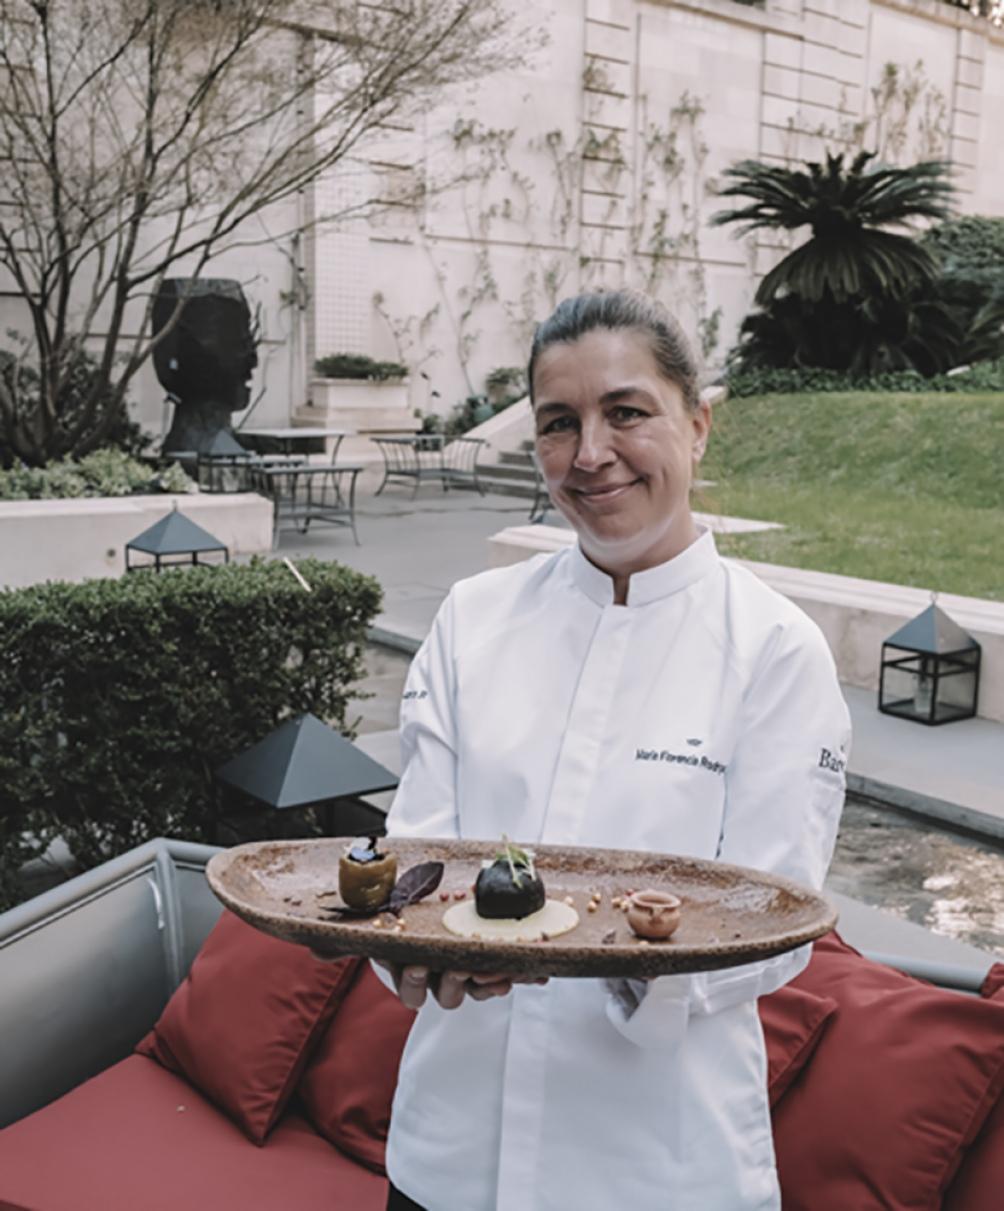 Con el plato que presentó en la Édition Cuisine: Tamal de gallo confitado y maíz morado, con fondo de kalapurca, milpa y flores. (Foto: Feedback PR)